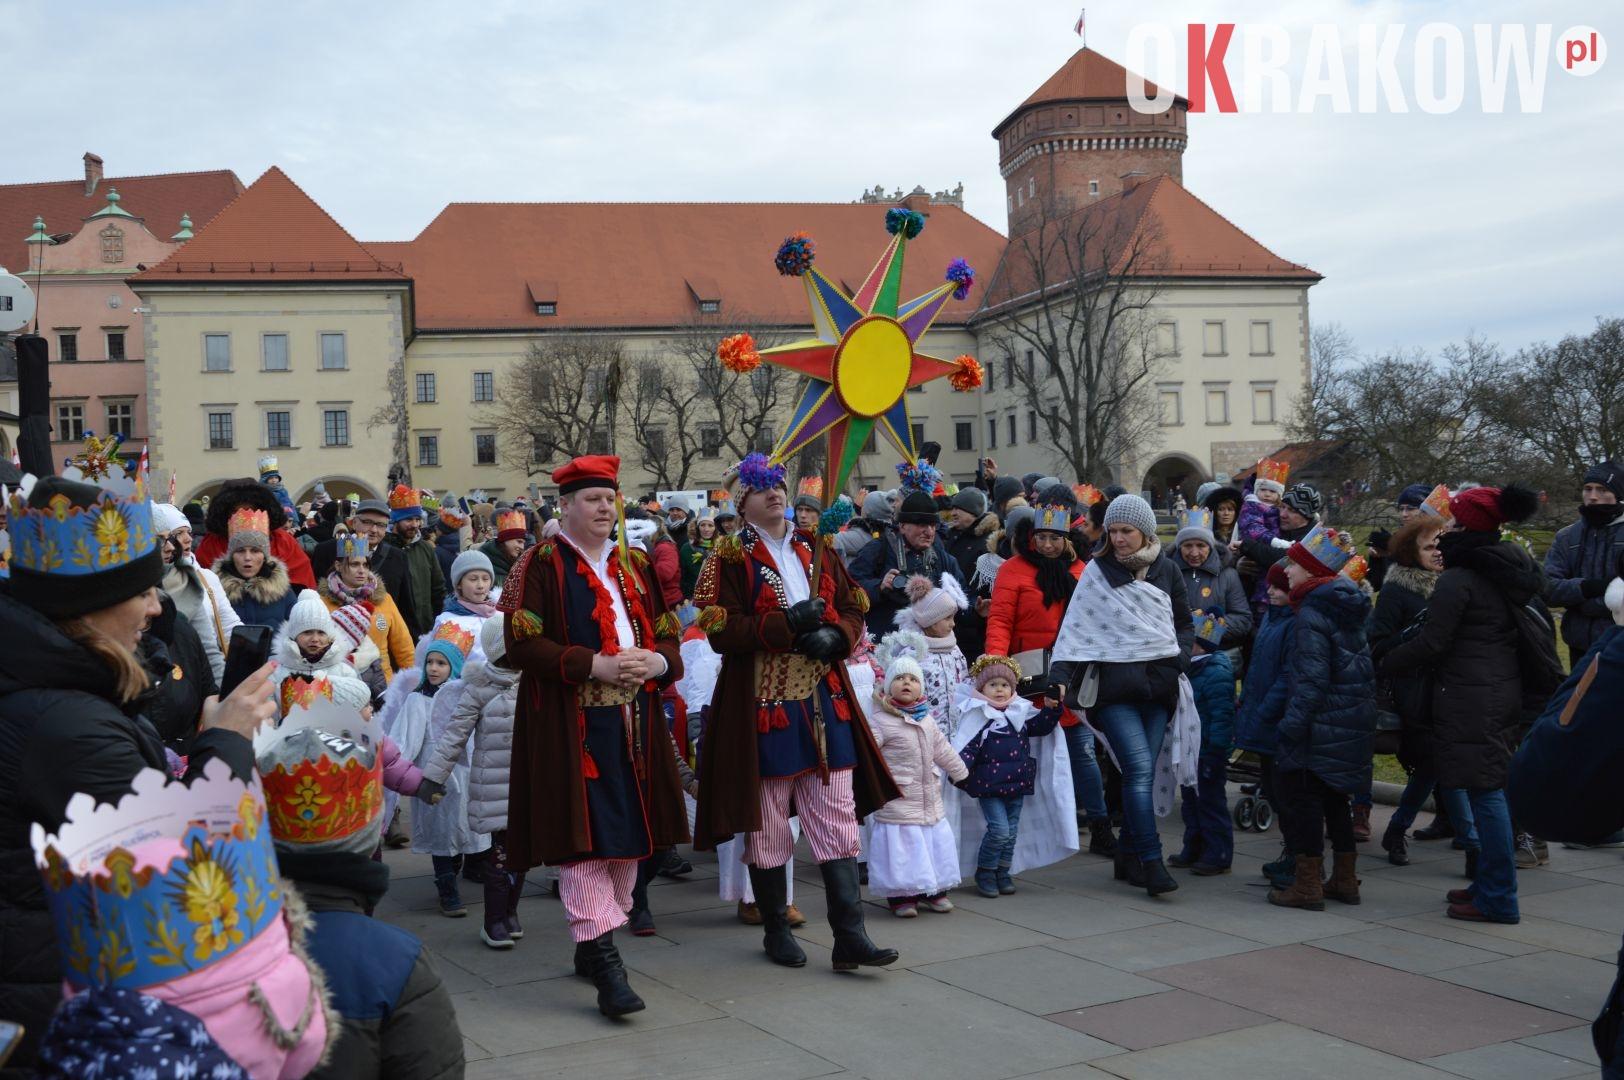 Orszak Trzech Króli Kraków 2020 Galeria Zdjęć z Orszaku (czerwonego)